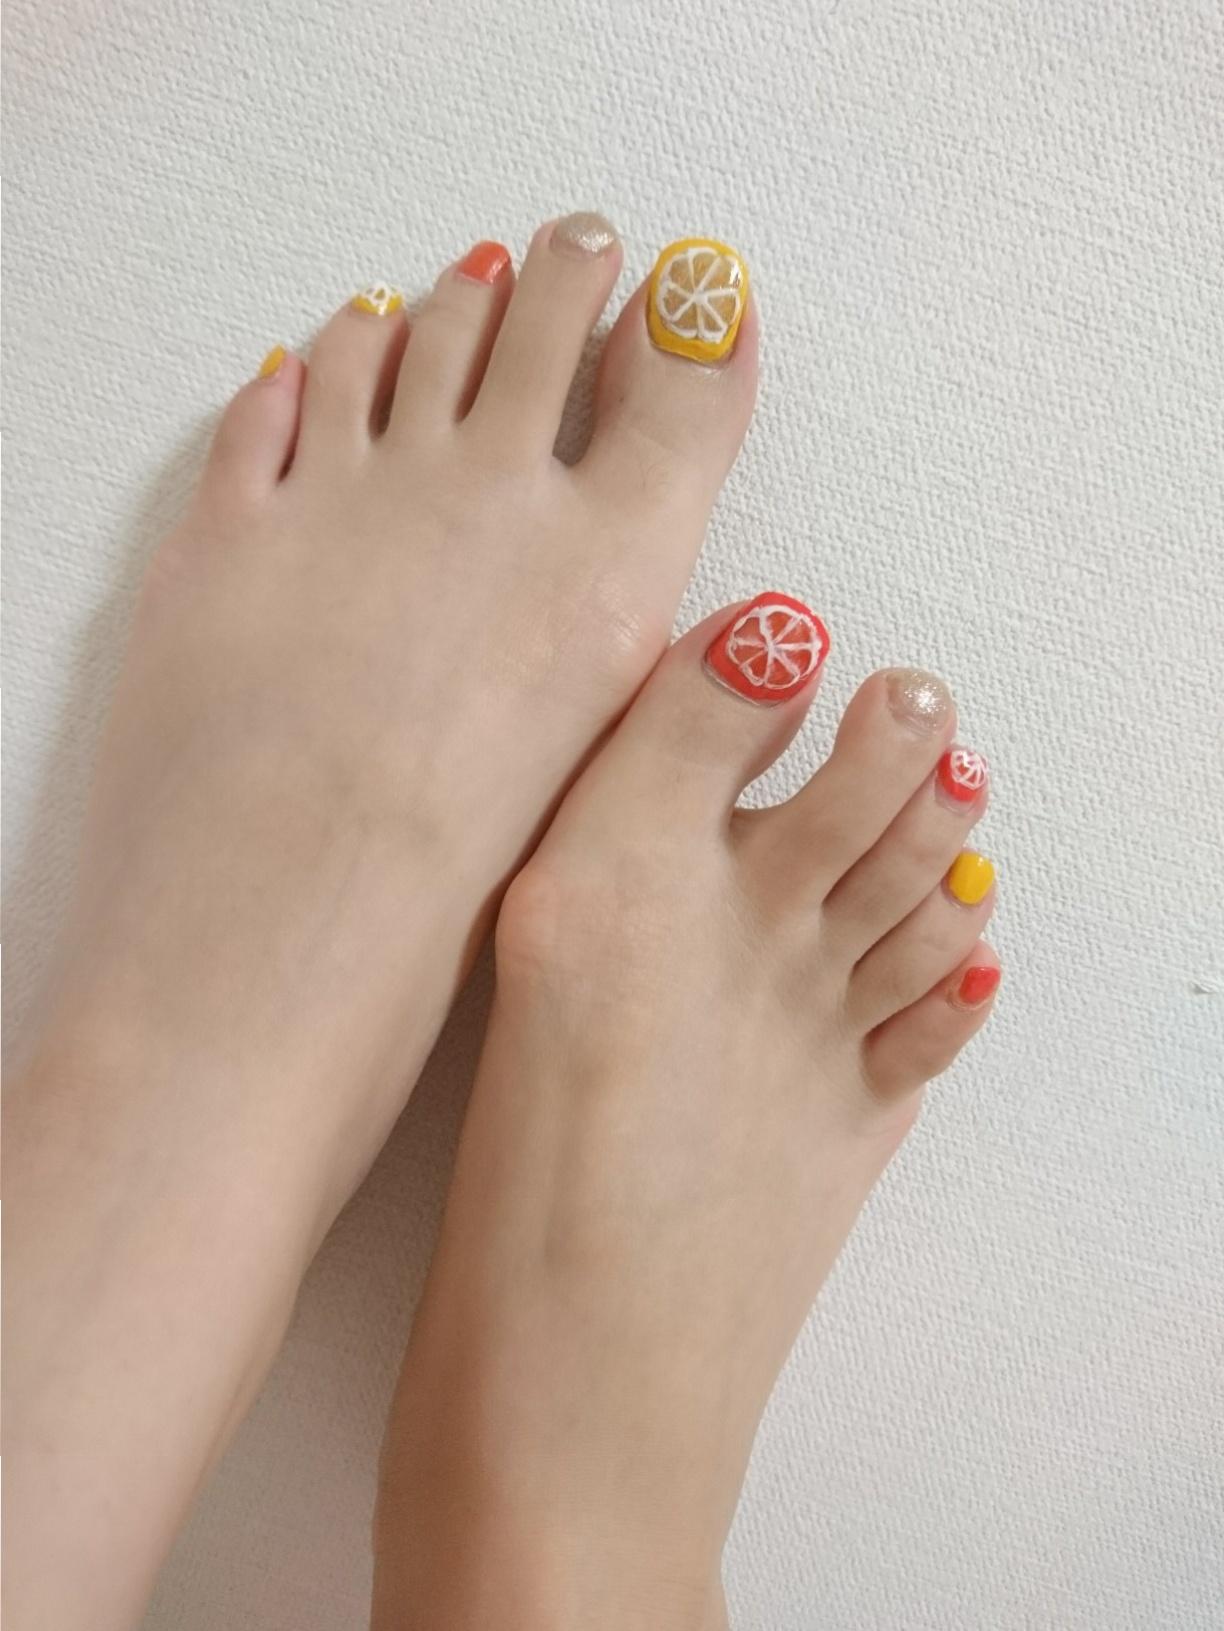 夏の遊びネイルにはフルーツネイルがぴったり☆~休日ネイル~_1